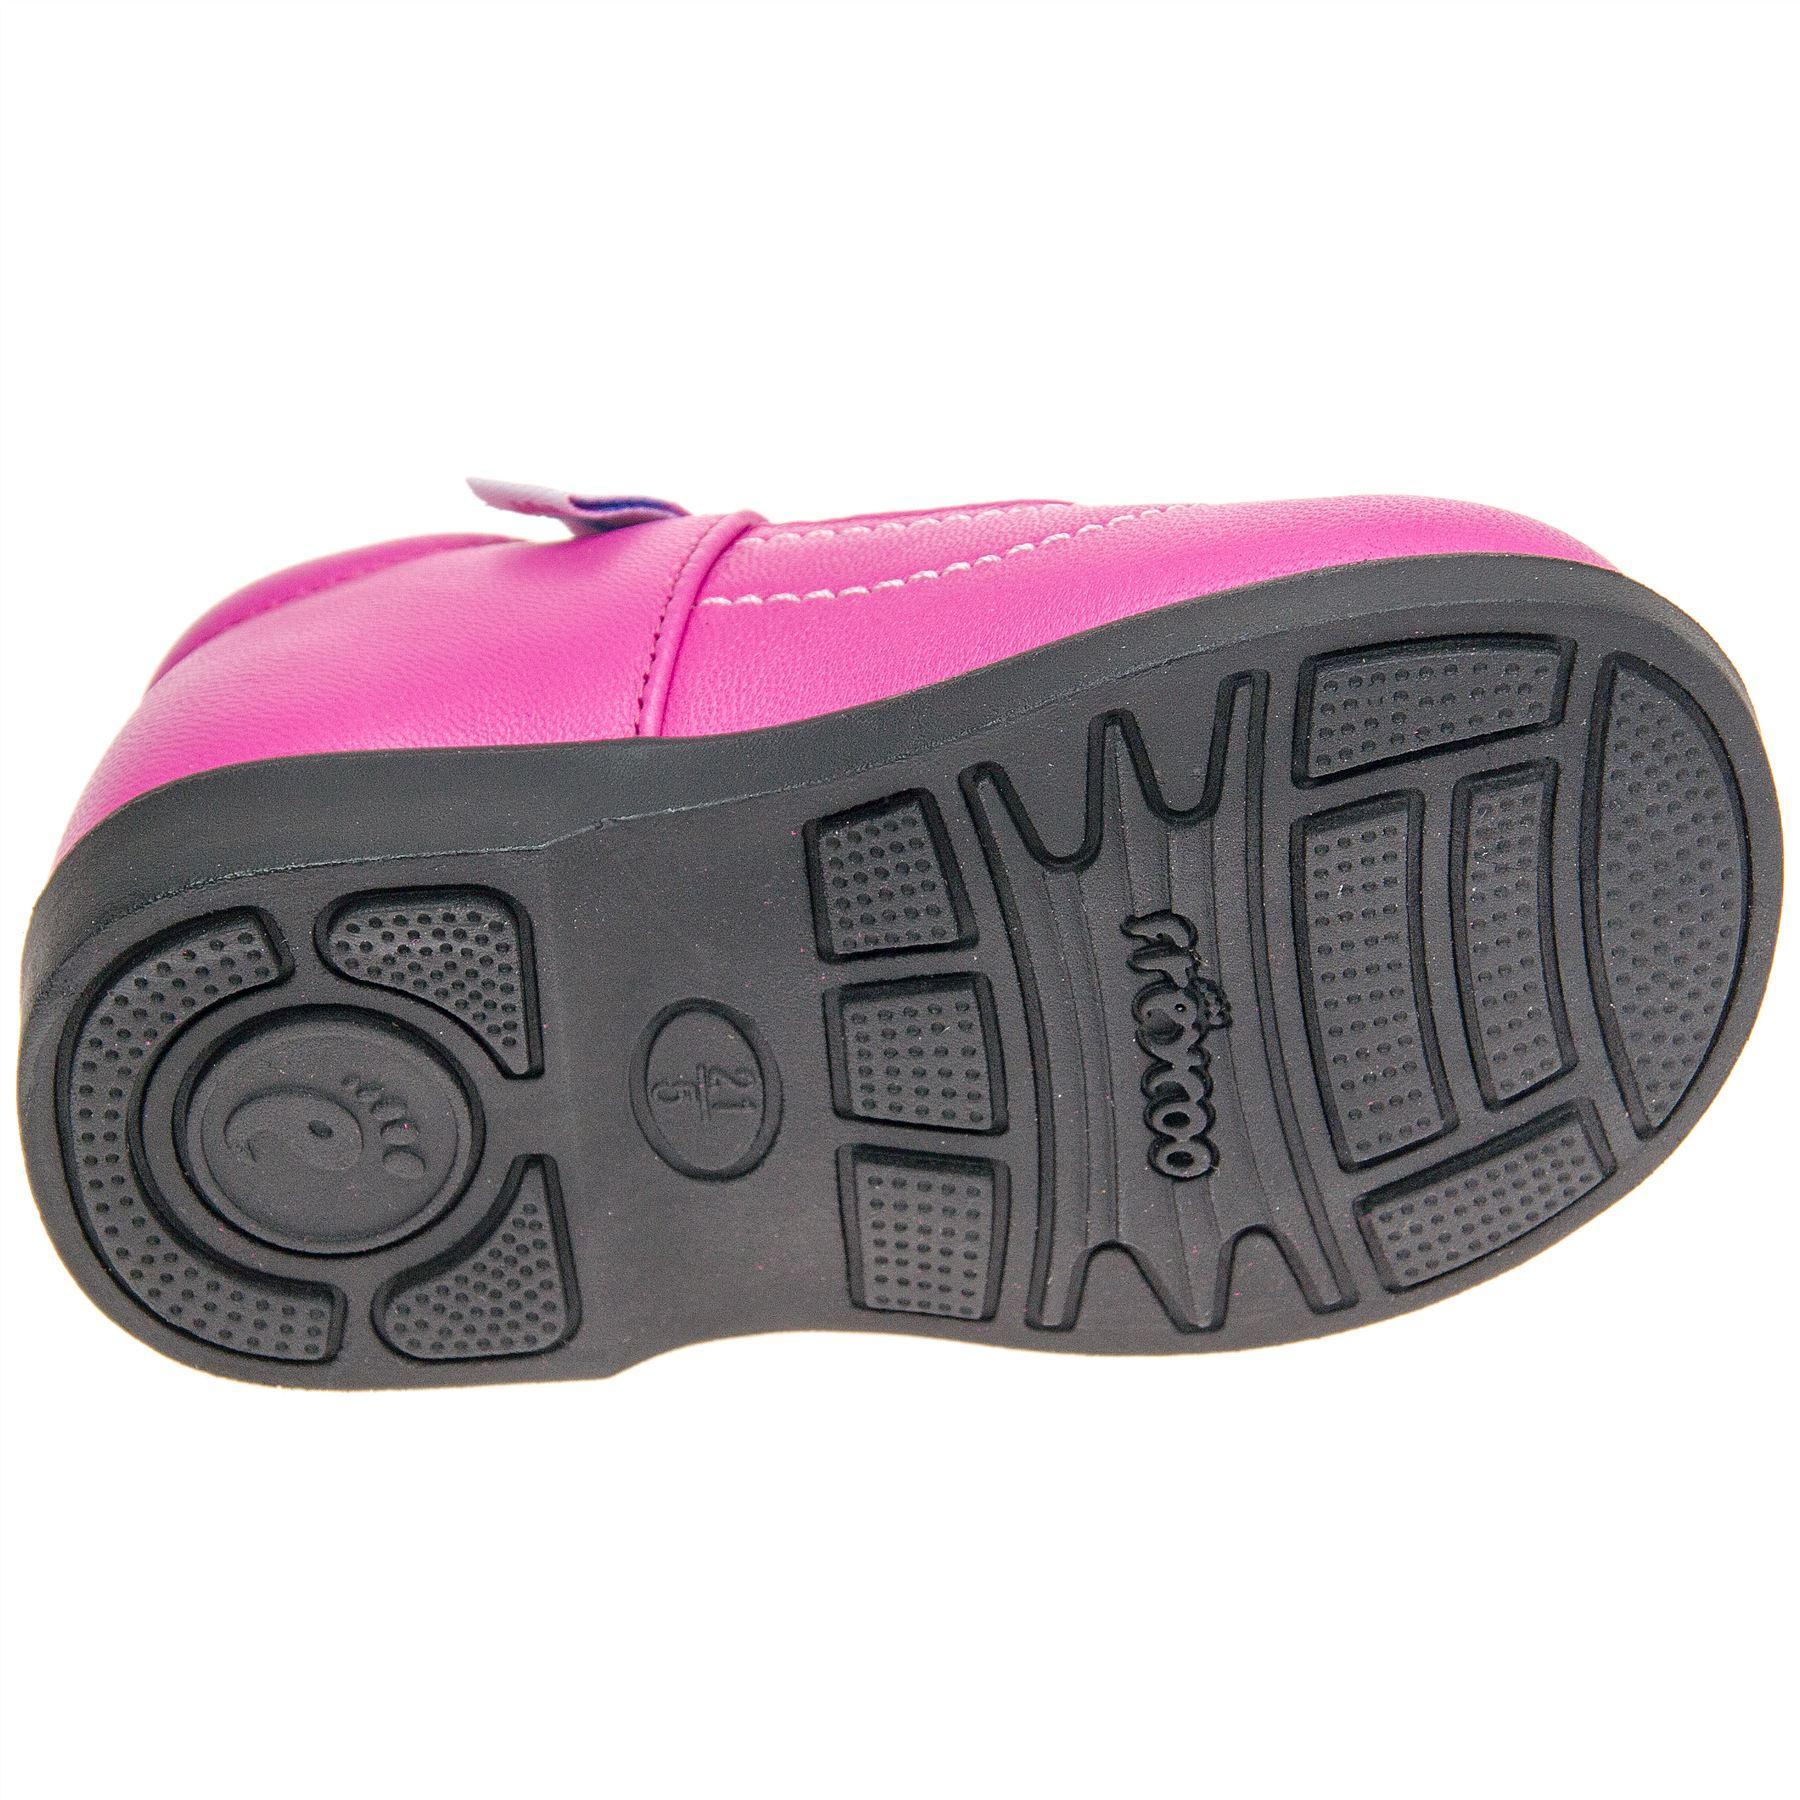 Mädchen Kinder echt Leder Lauflernschuhe - Leuchtend Pink mit Klettverschluss